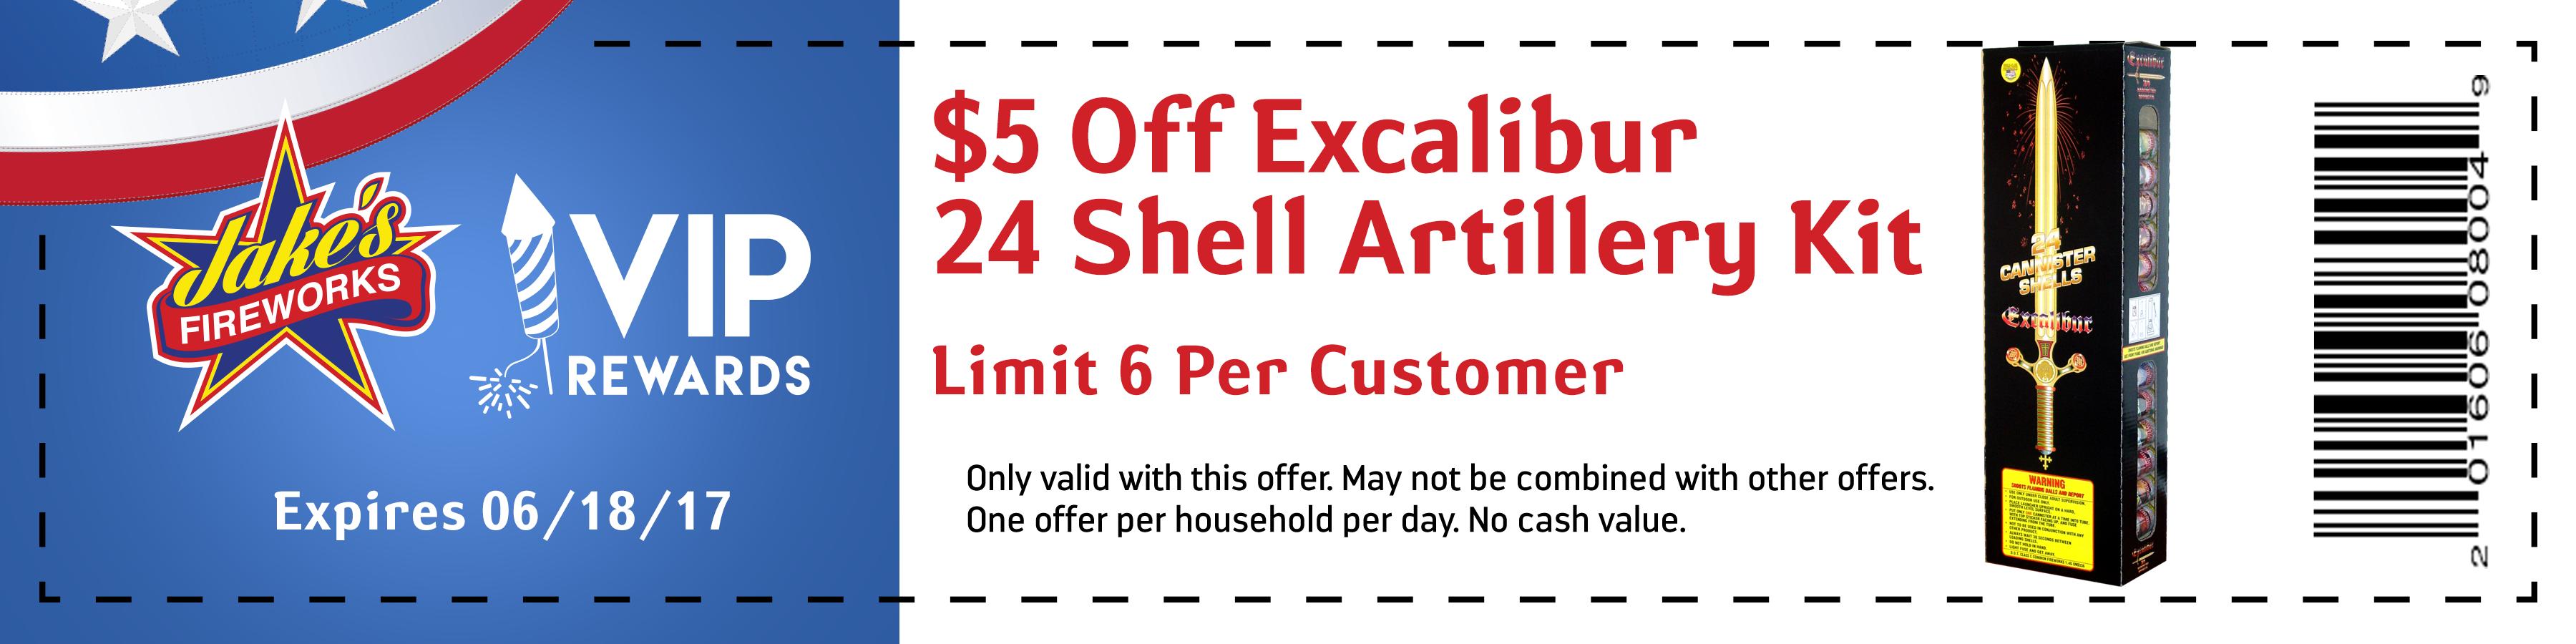 excalibur fireworks coupon